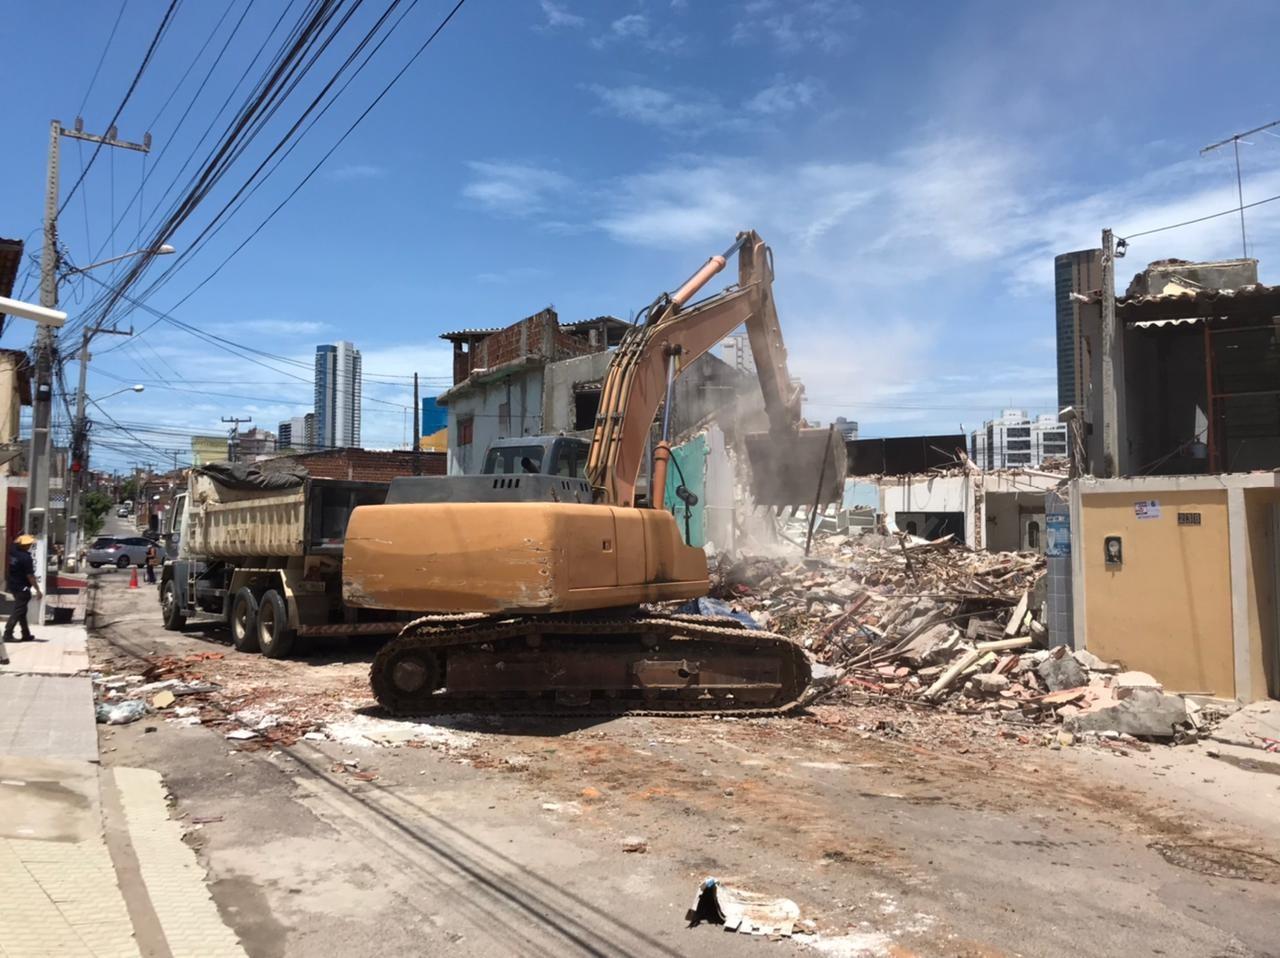 Perícia recolhe botijão de gás e escombros de imóveis atingidos por explosão são demolidos em Natal